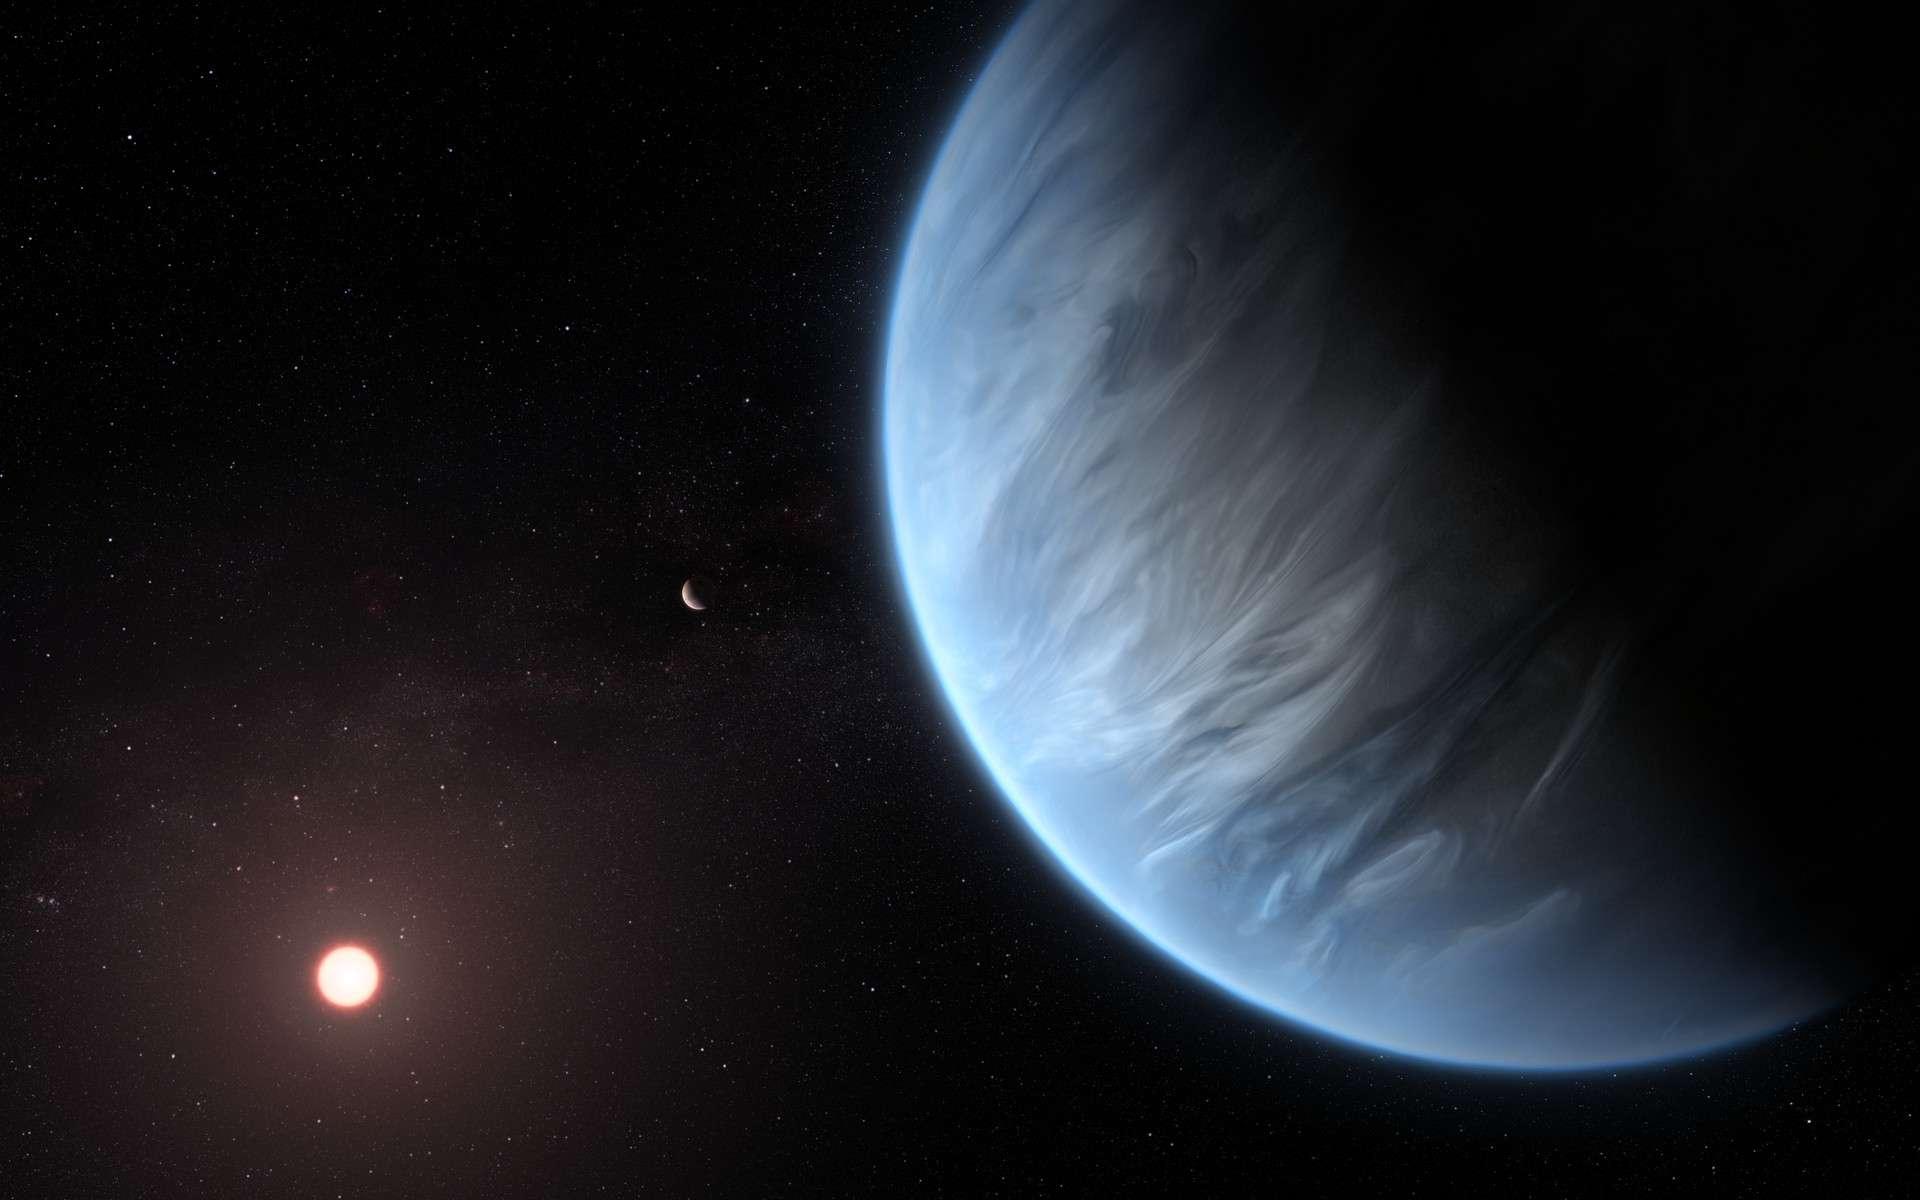 Une vue d'artiste de l'exoplanète K2-18b. © ESA, Hubble, M. Kornmesser